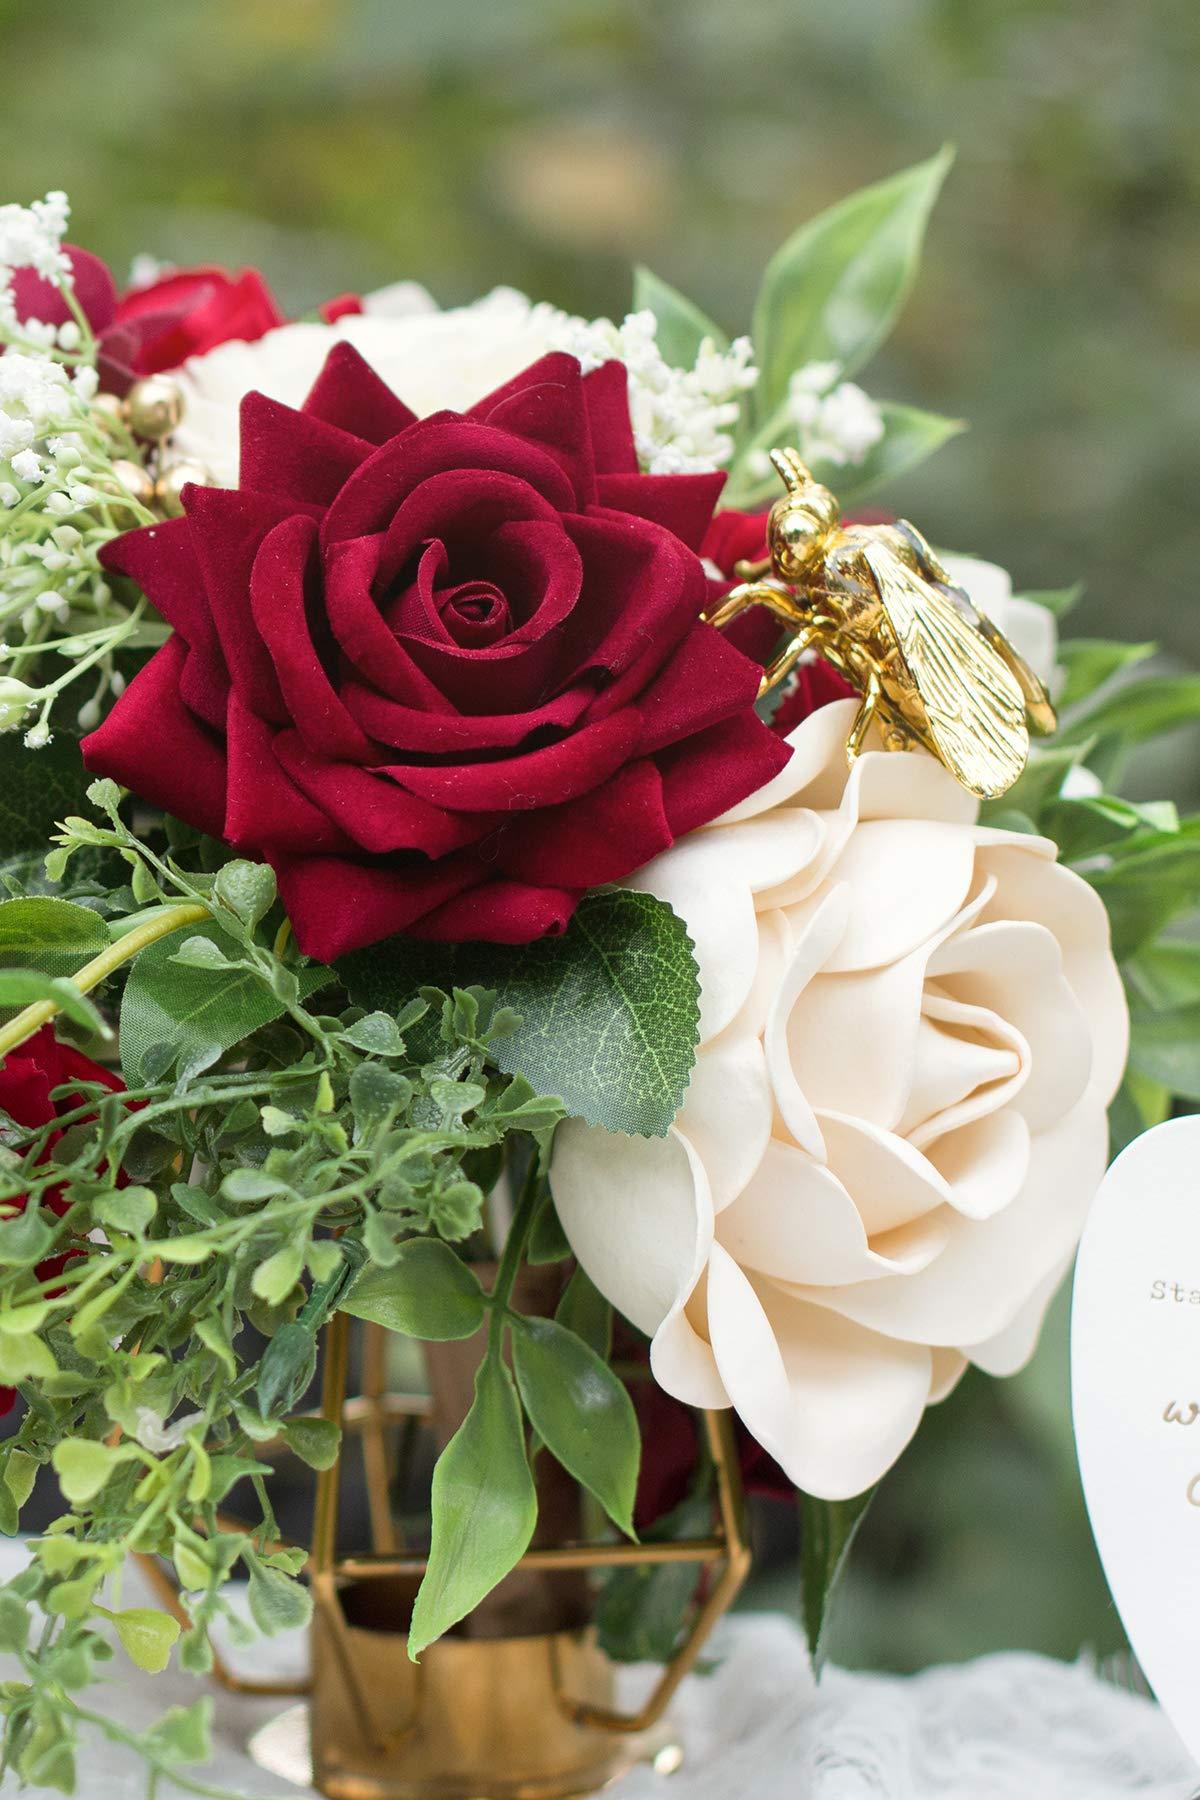 Lings-moment-Artificial-Velvet-Roses-Flowers